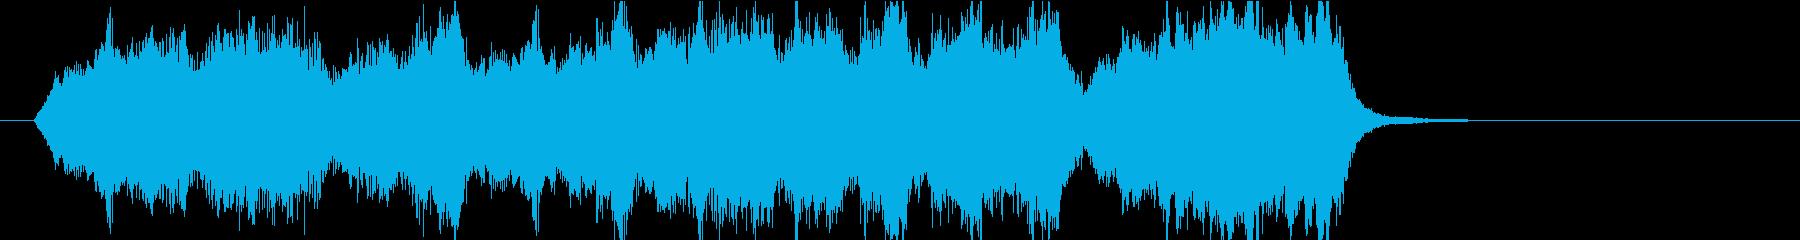 15秒CM向け 心癒す弦楽四重奏 の再生済みの波形